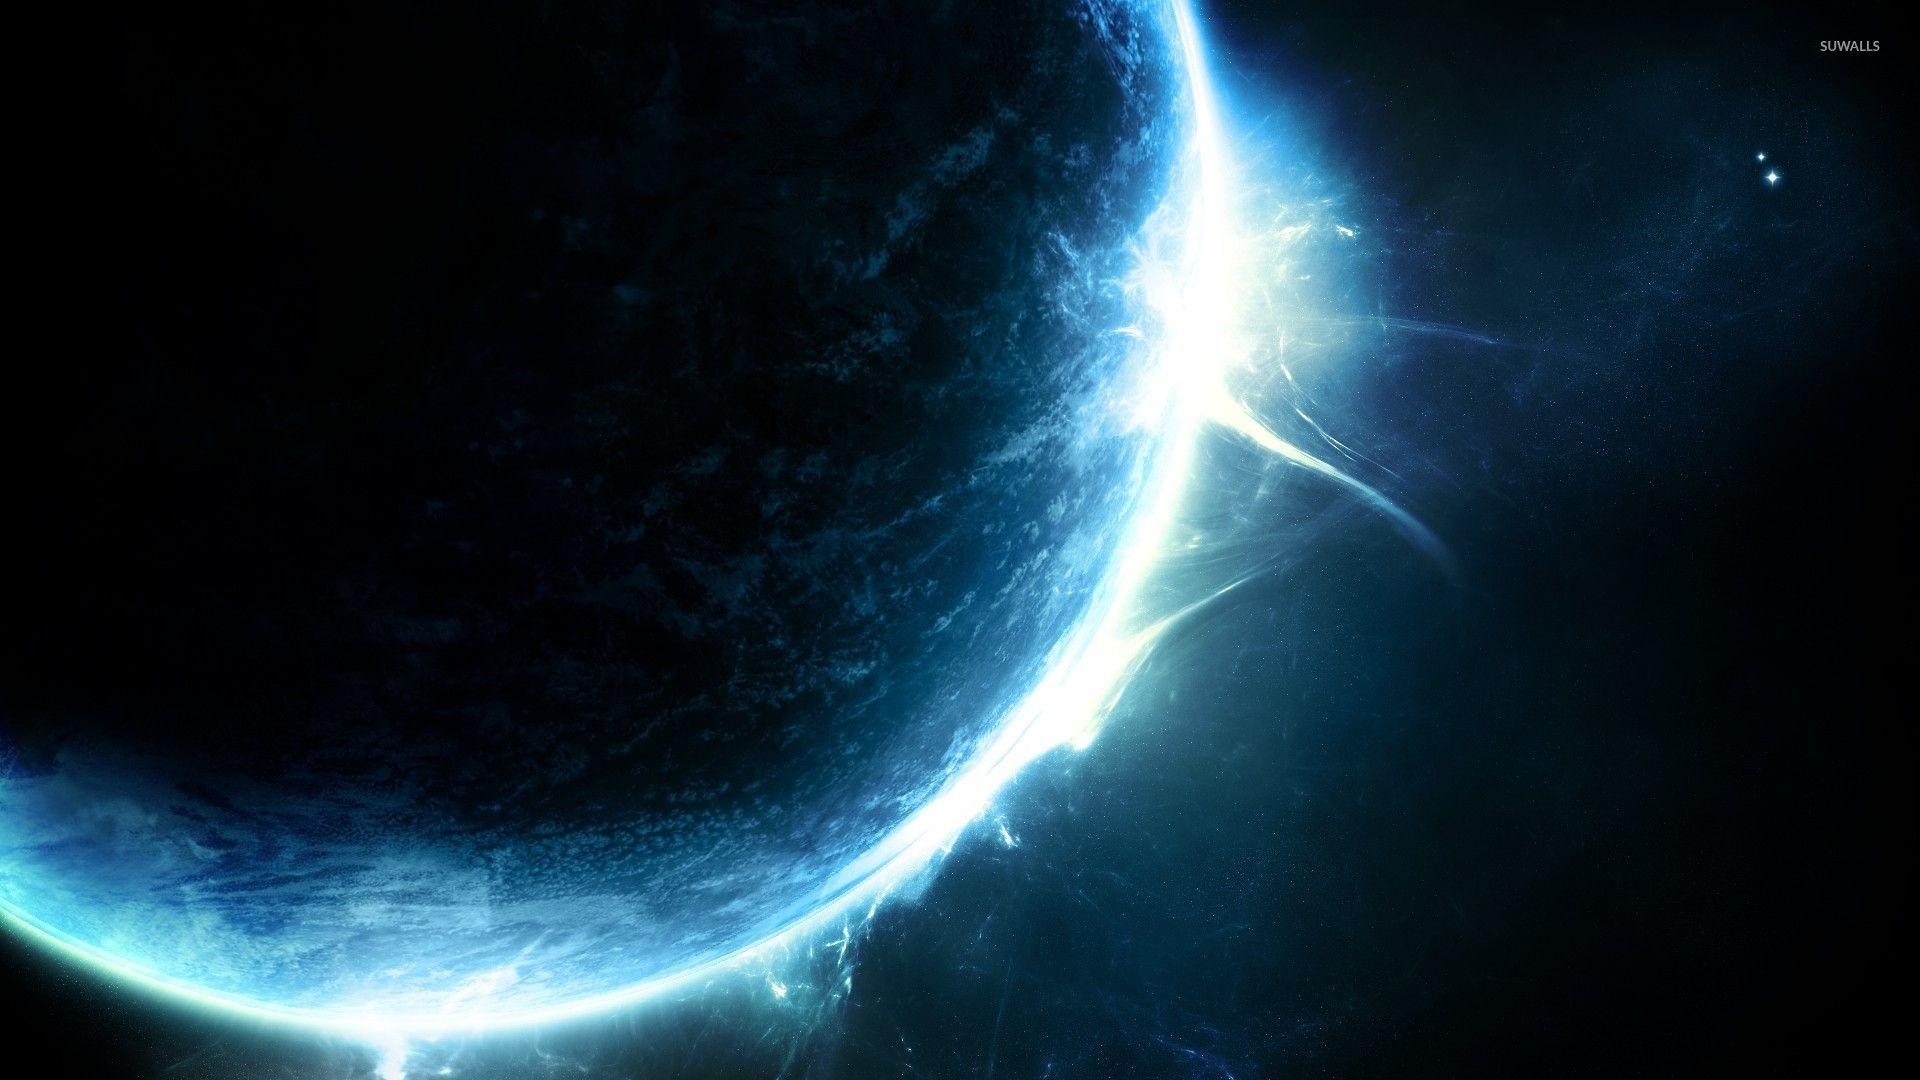 Glowing blue planet wallpaper jpg